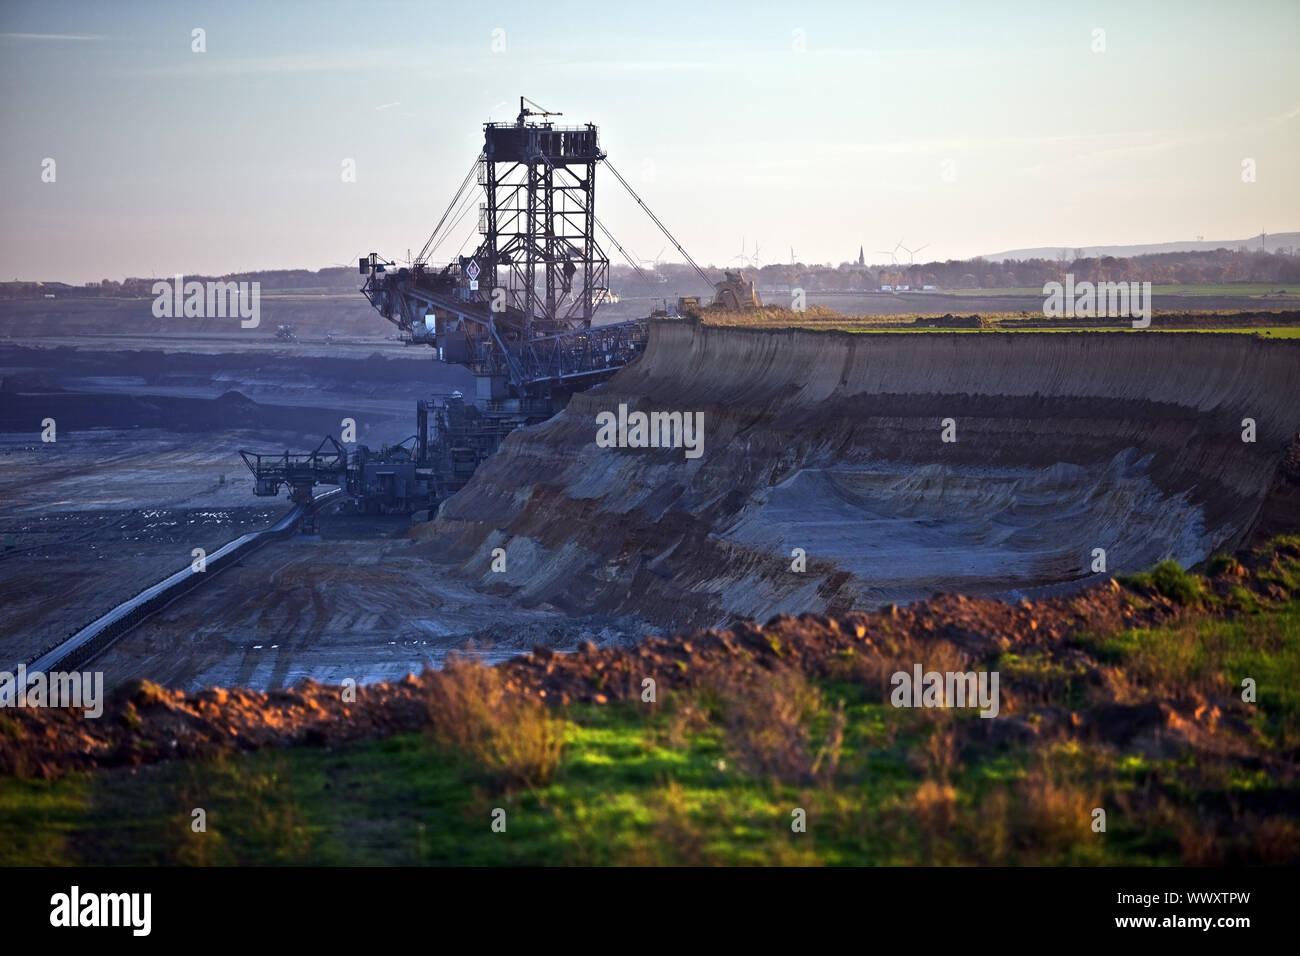 Braunkohle Tagebau mit Schaufelradbagger, Garzweiler, Juechen, Deutschland, Europa Stockfoto